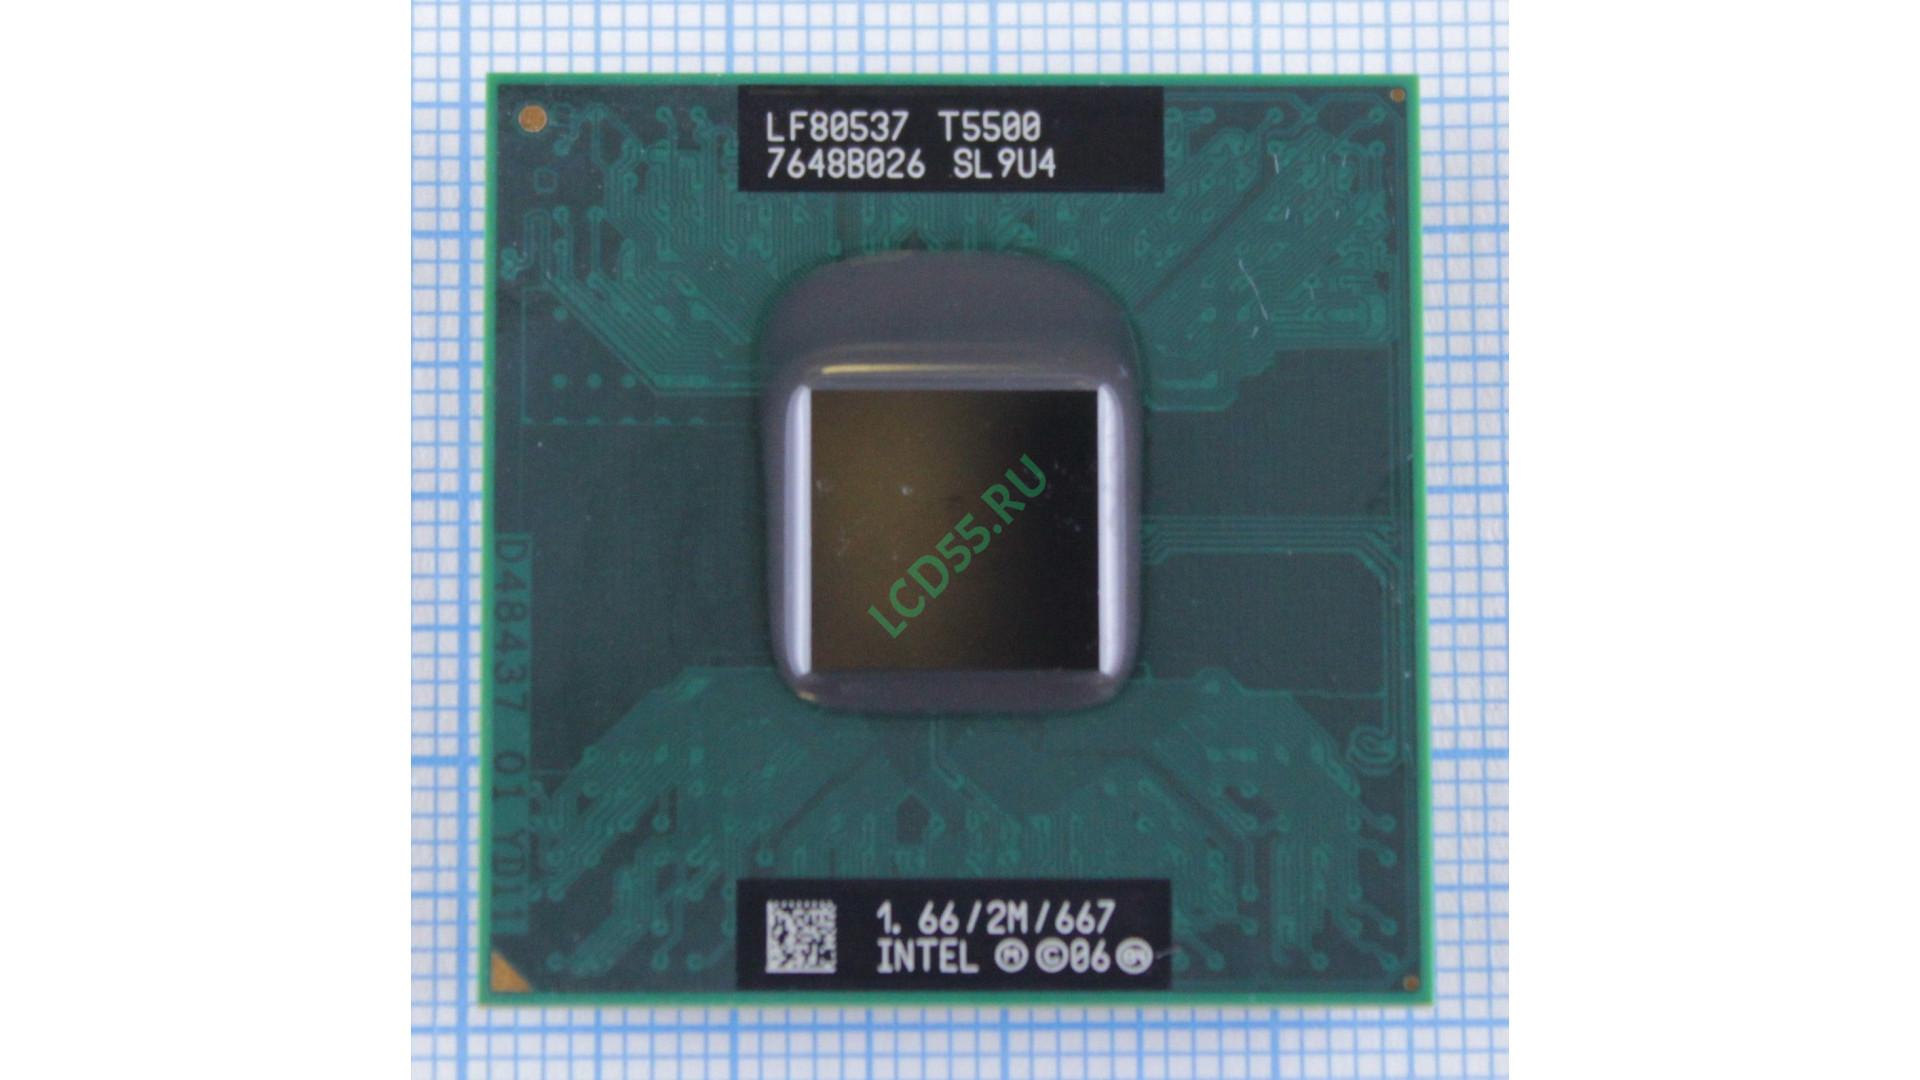 Intel T5500 SL9U4